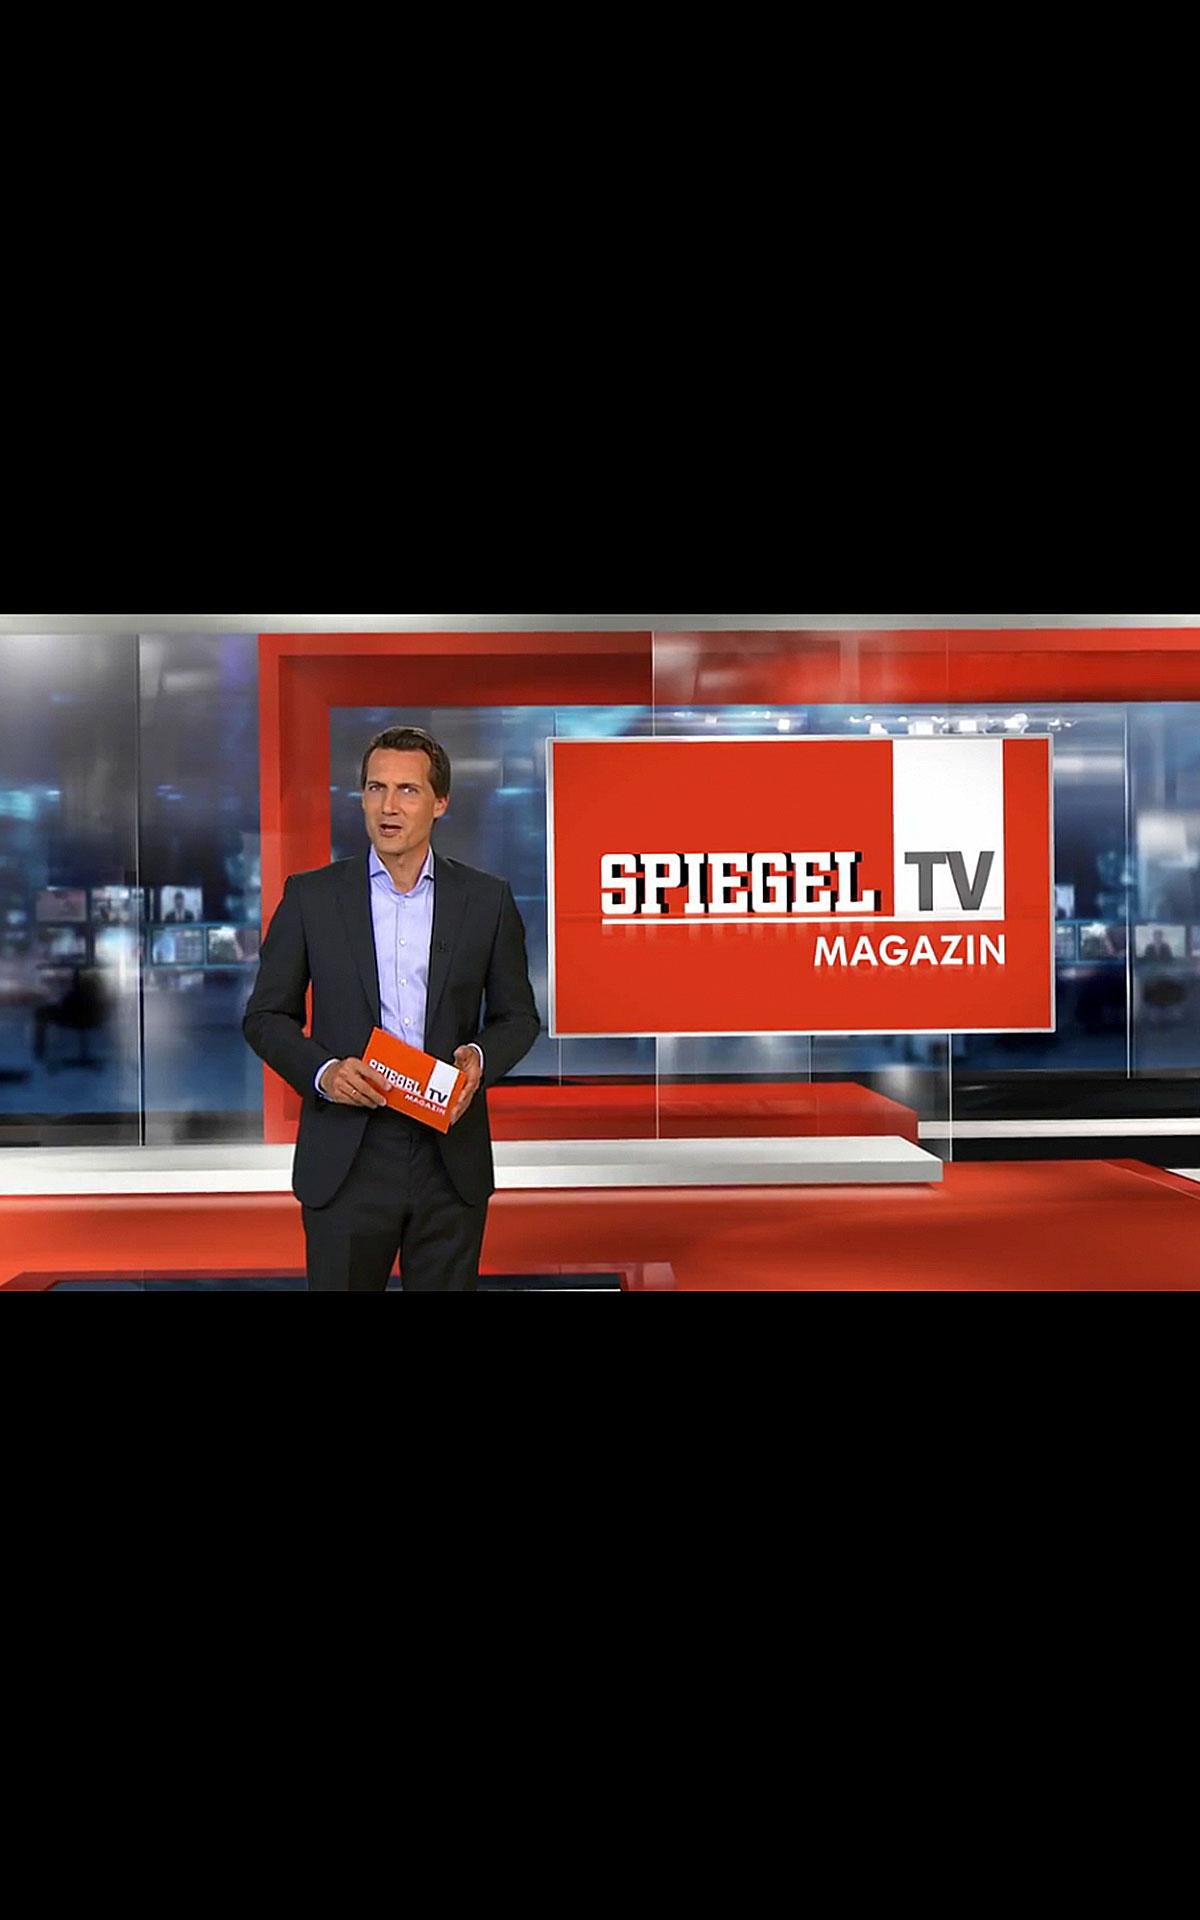 Spiegel tv amazon appstore for Spiegel tv video